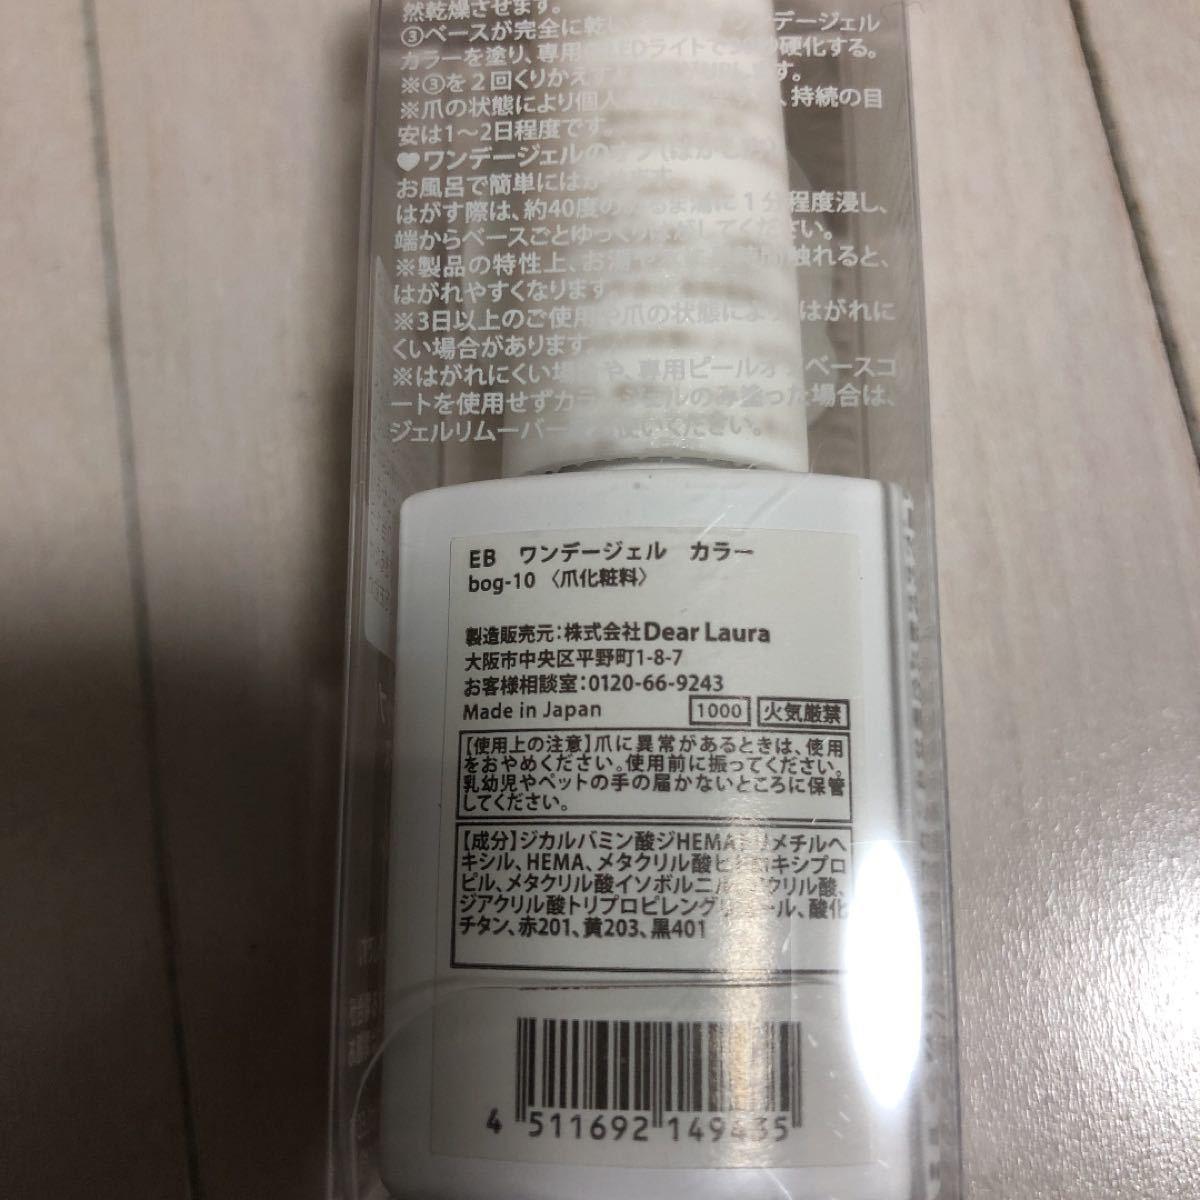 EB ワンデージェルカラー bog-10 キャロットオレンジ 新品未使用品